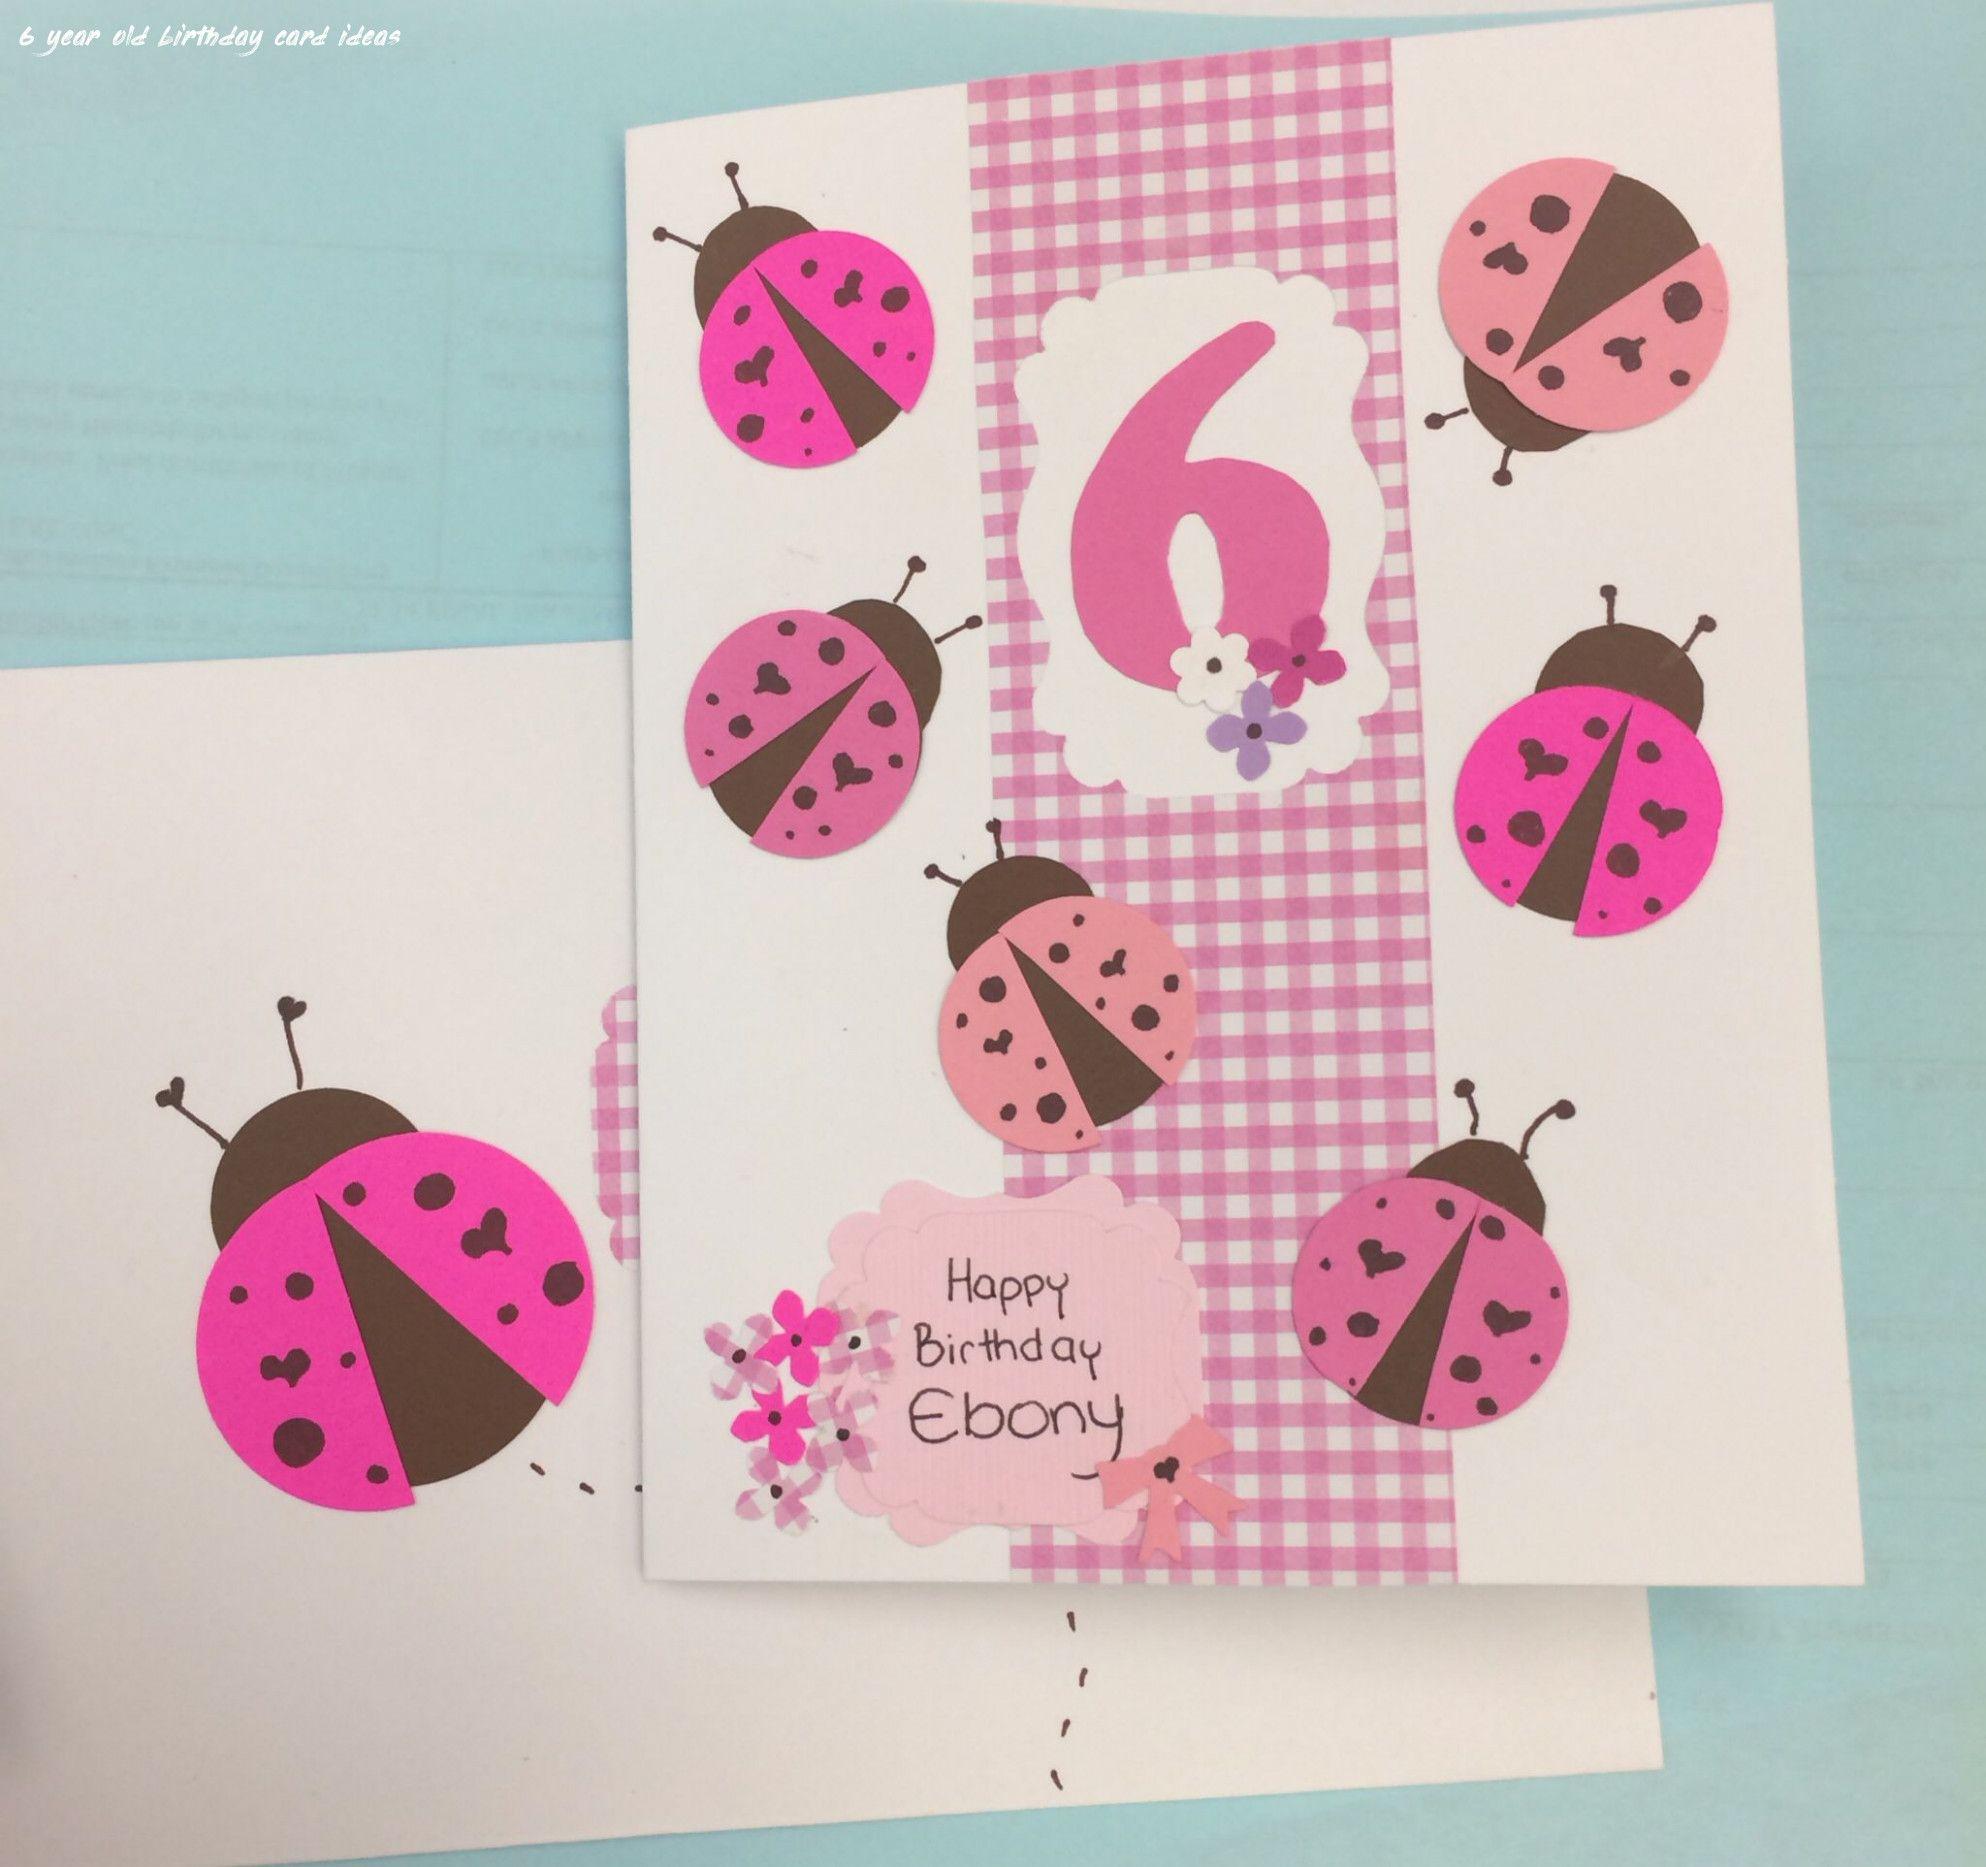 10 6 Year Old Birthday Card Ideas Old Birthday Cards Homemade Birthday Cards Girl Birthday Cards